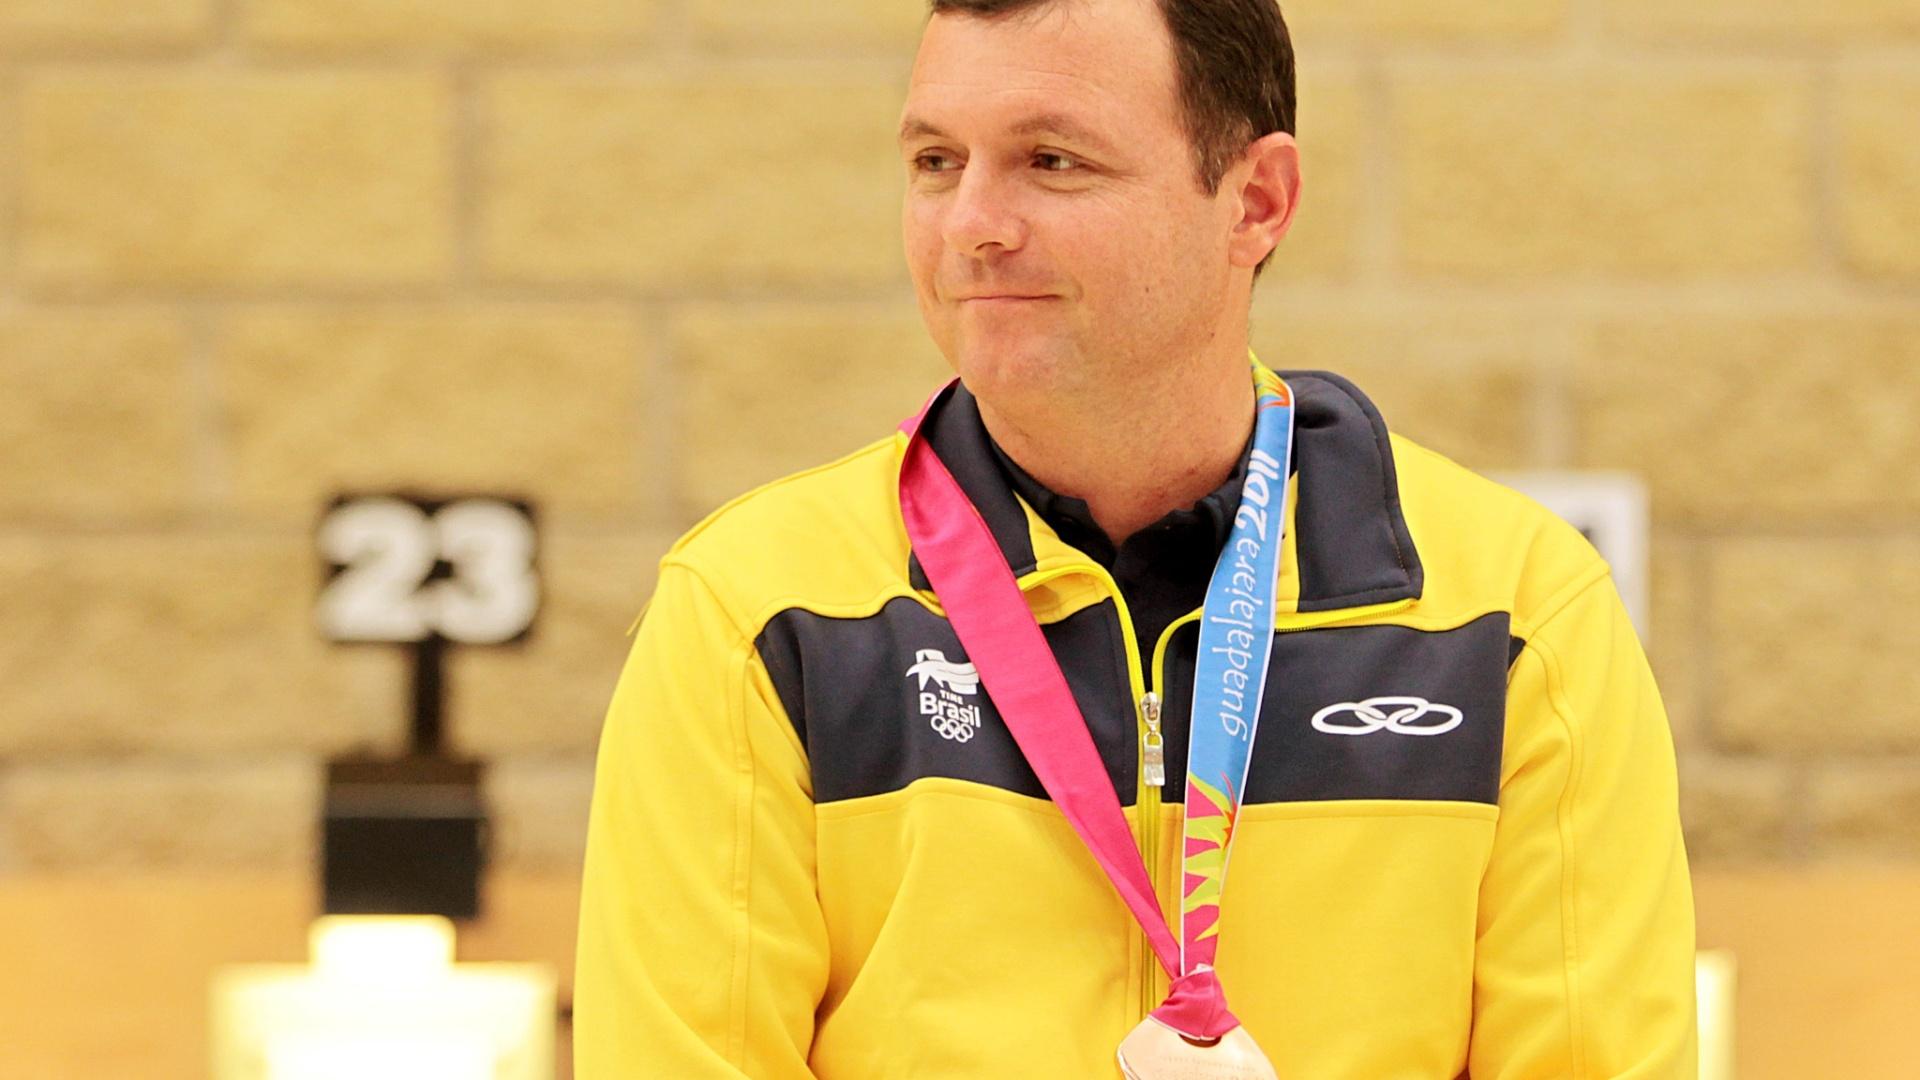 Julio Almeida não parece muito satisfeito ao receber a medalha de bronze no tiro esportivo